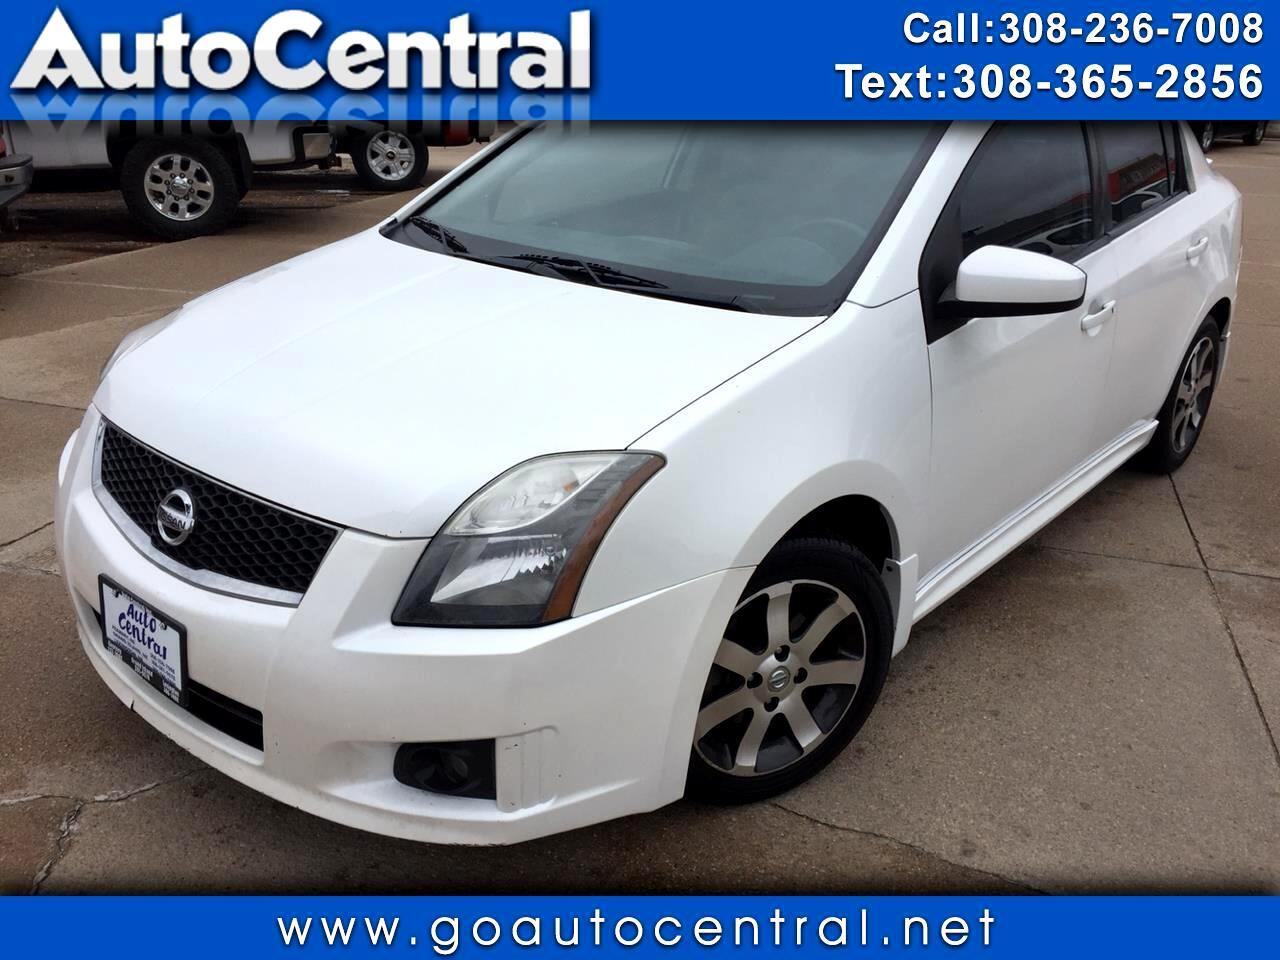 2012 Nissan Sentra 4dr Sdn I4 CVT 2.0 SR